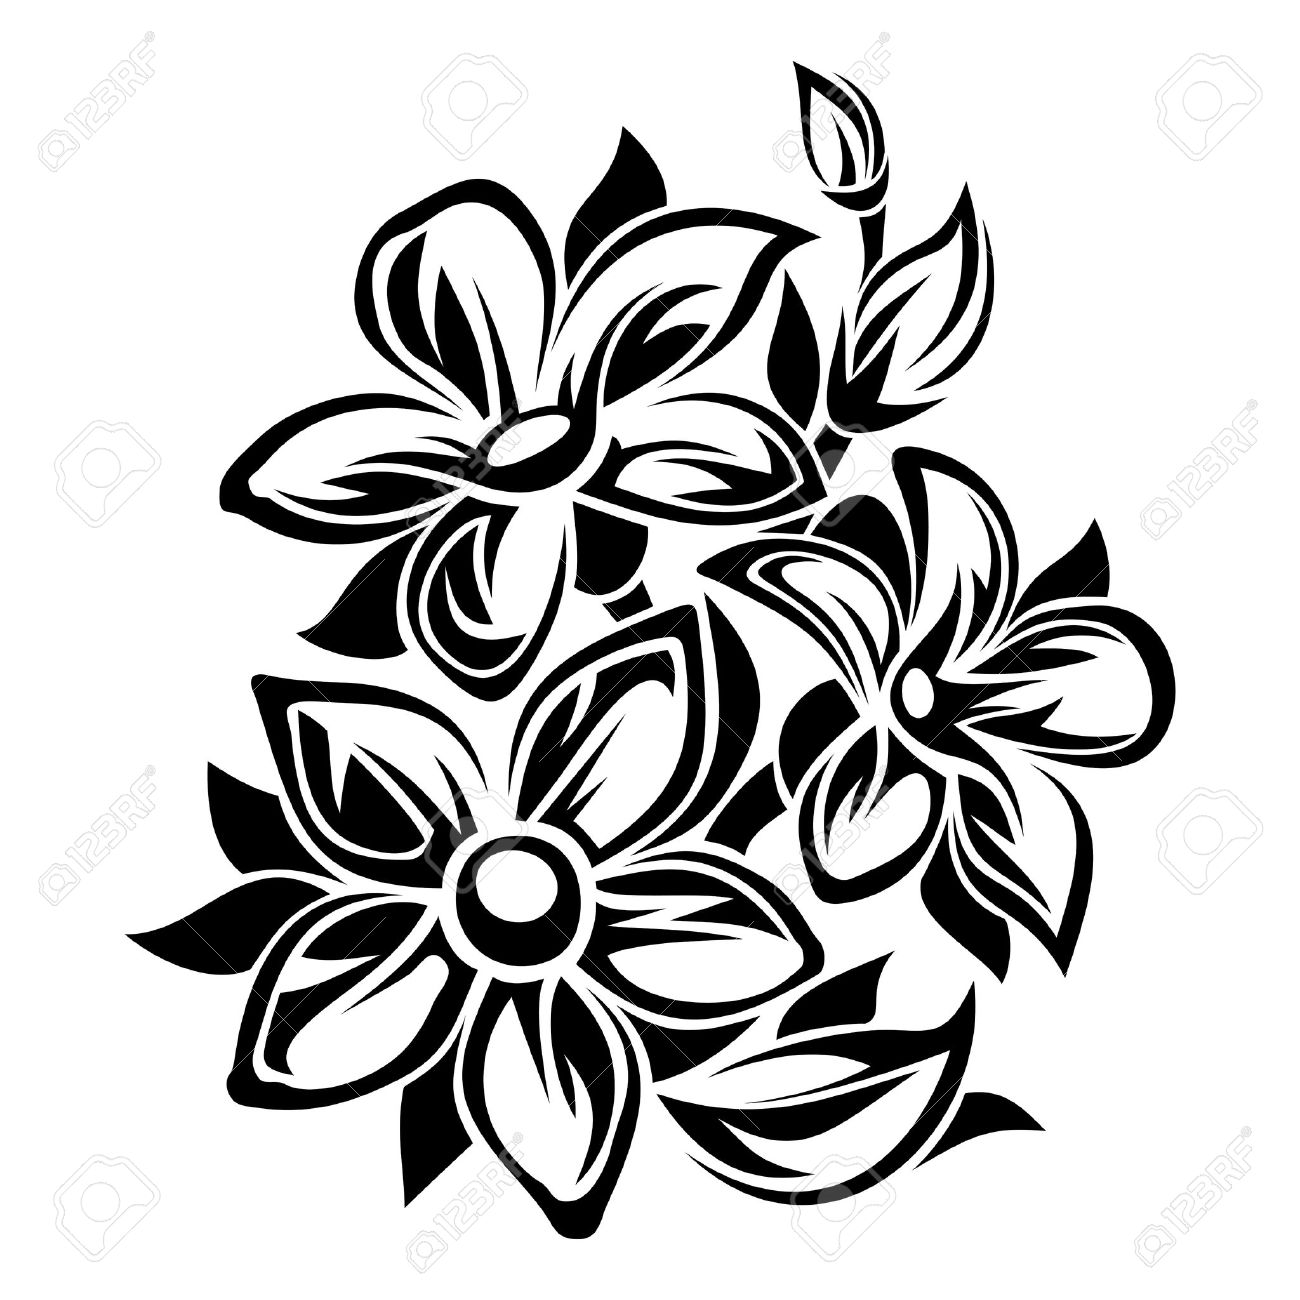 Blumen Schwarz Weiss Ornament Vektor Illustration Lizenzfrei